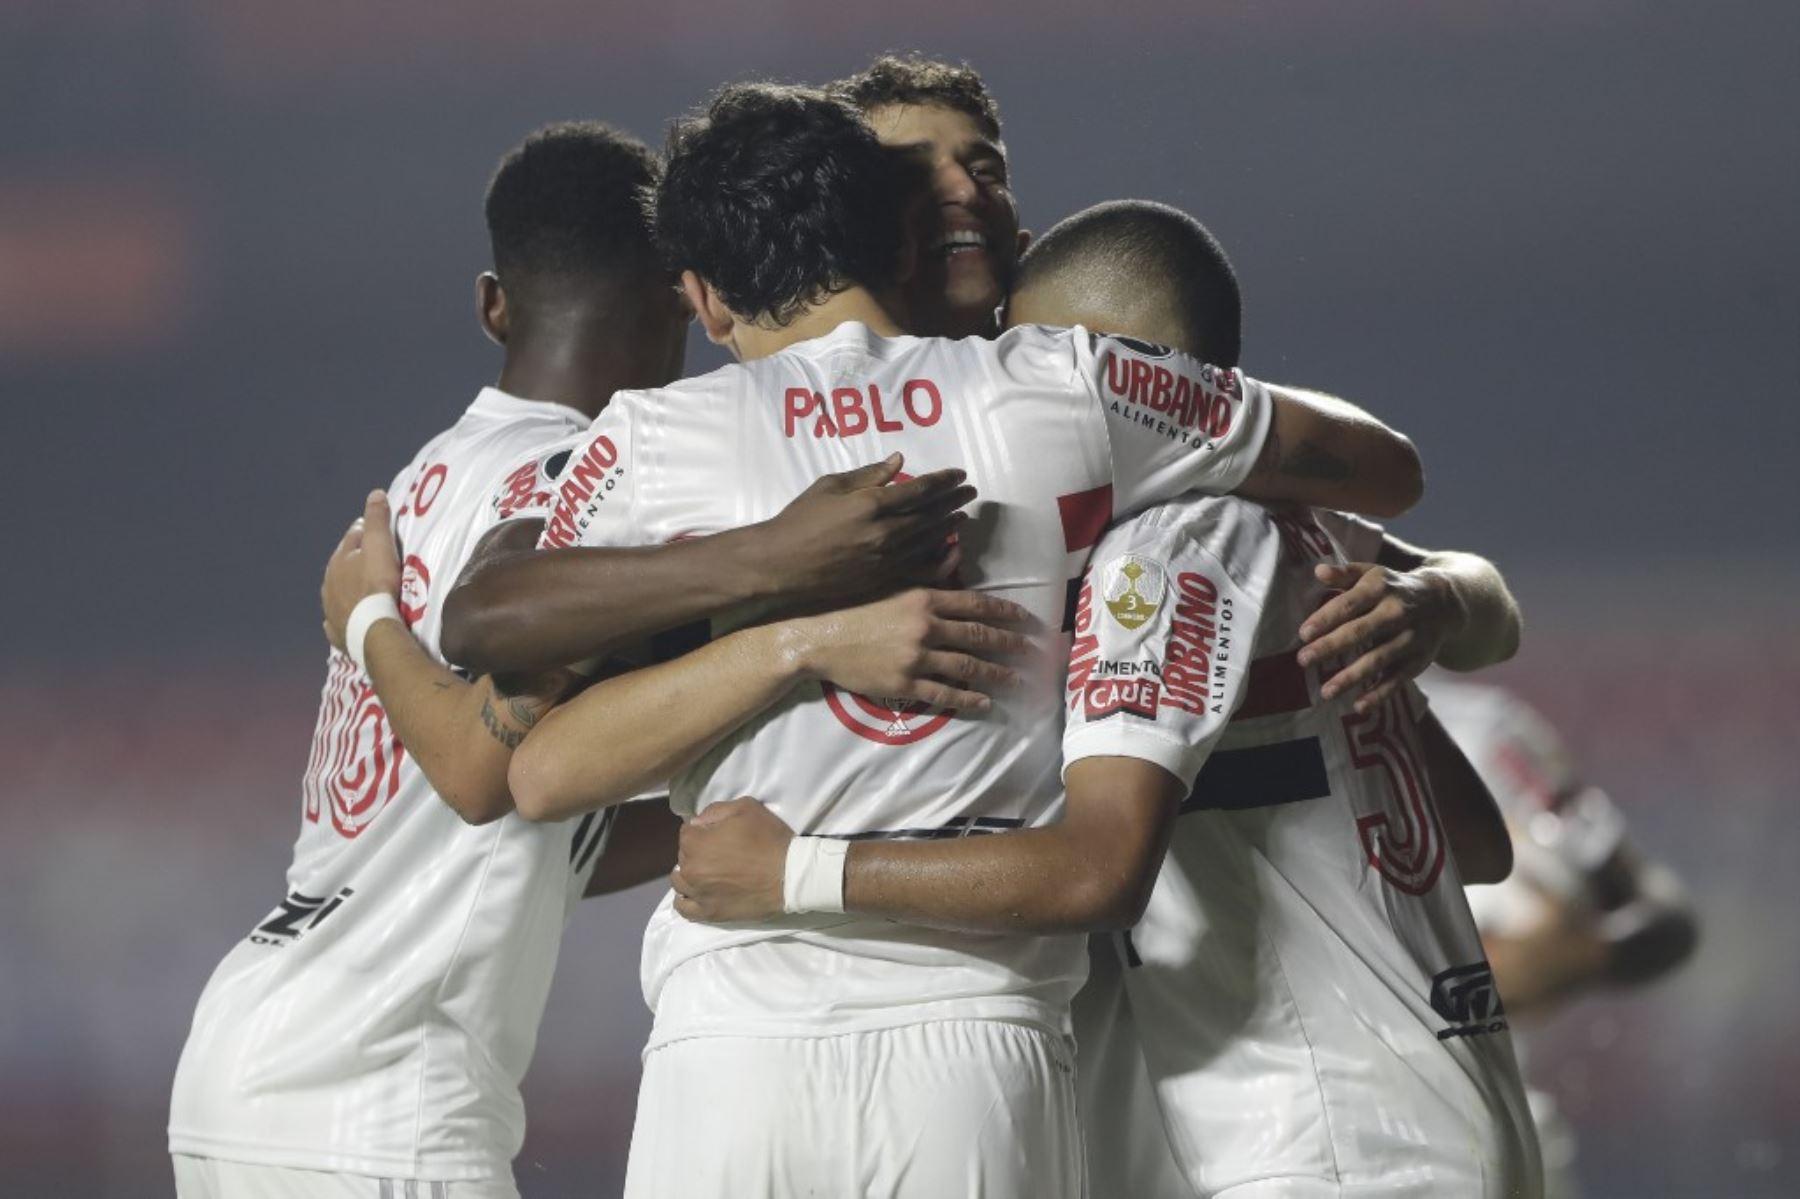 El delantero brasileño de Sao Paulo Pablo celebra con sus compañeros de equipo después de anotar contra la Binacional de Perú durante su partido de fútbol a puerta cerrada de la fase de grupos de la Copa Libertadores en el estadio Morumbi en Sao Paulo, Brasil. Foto: AFP